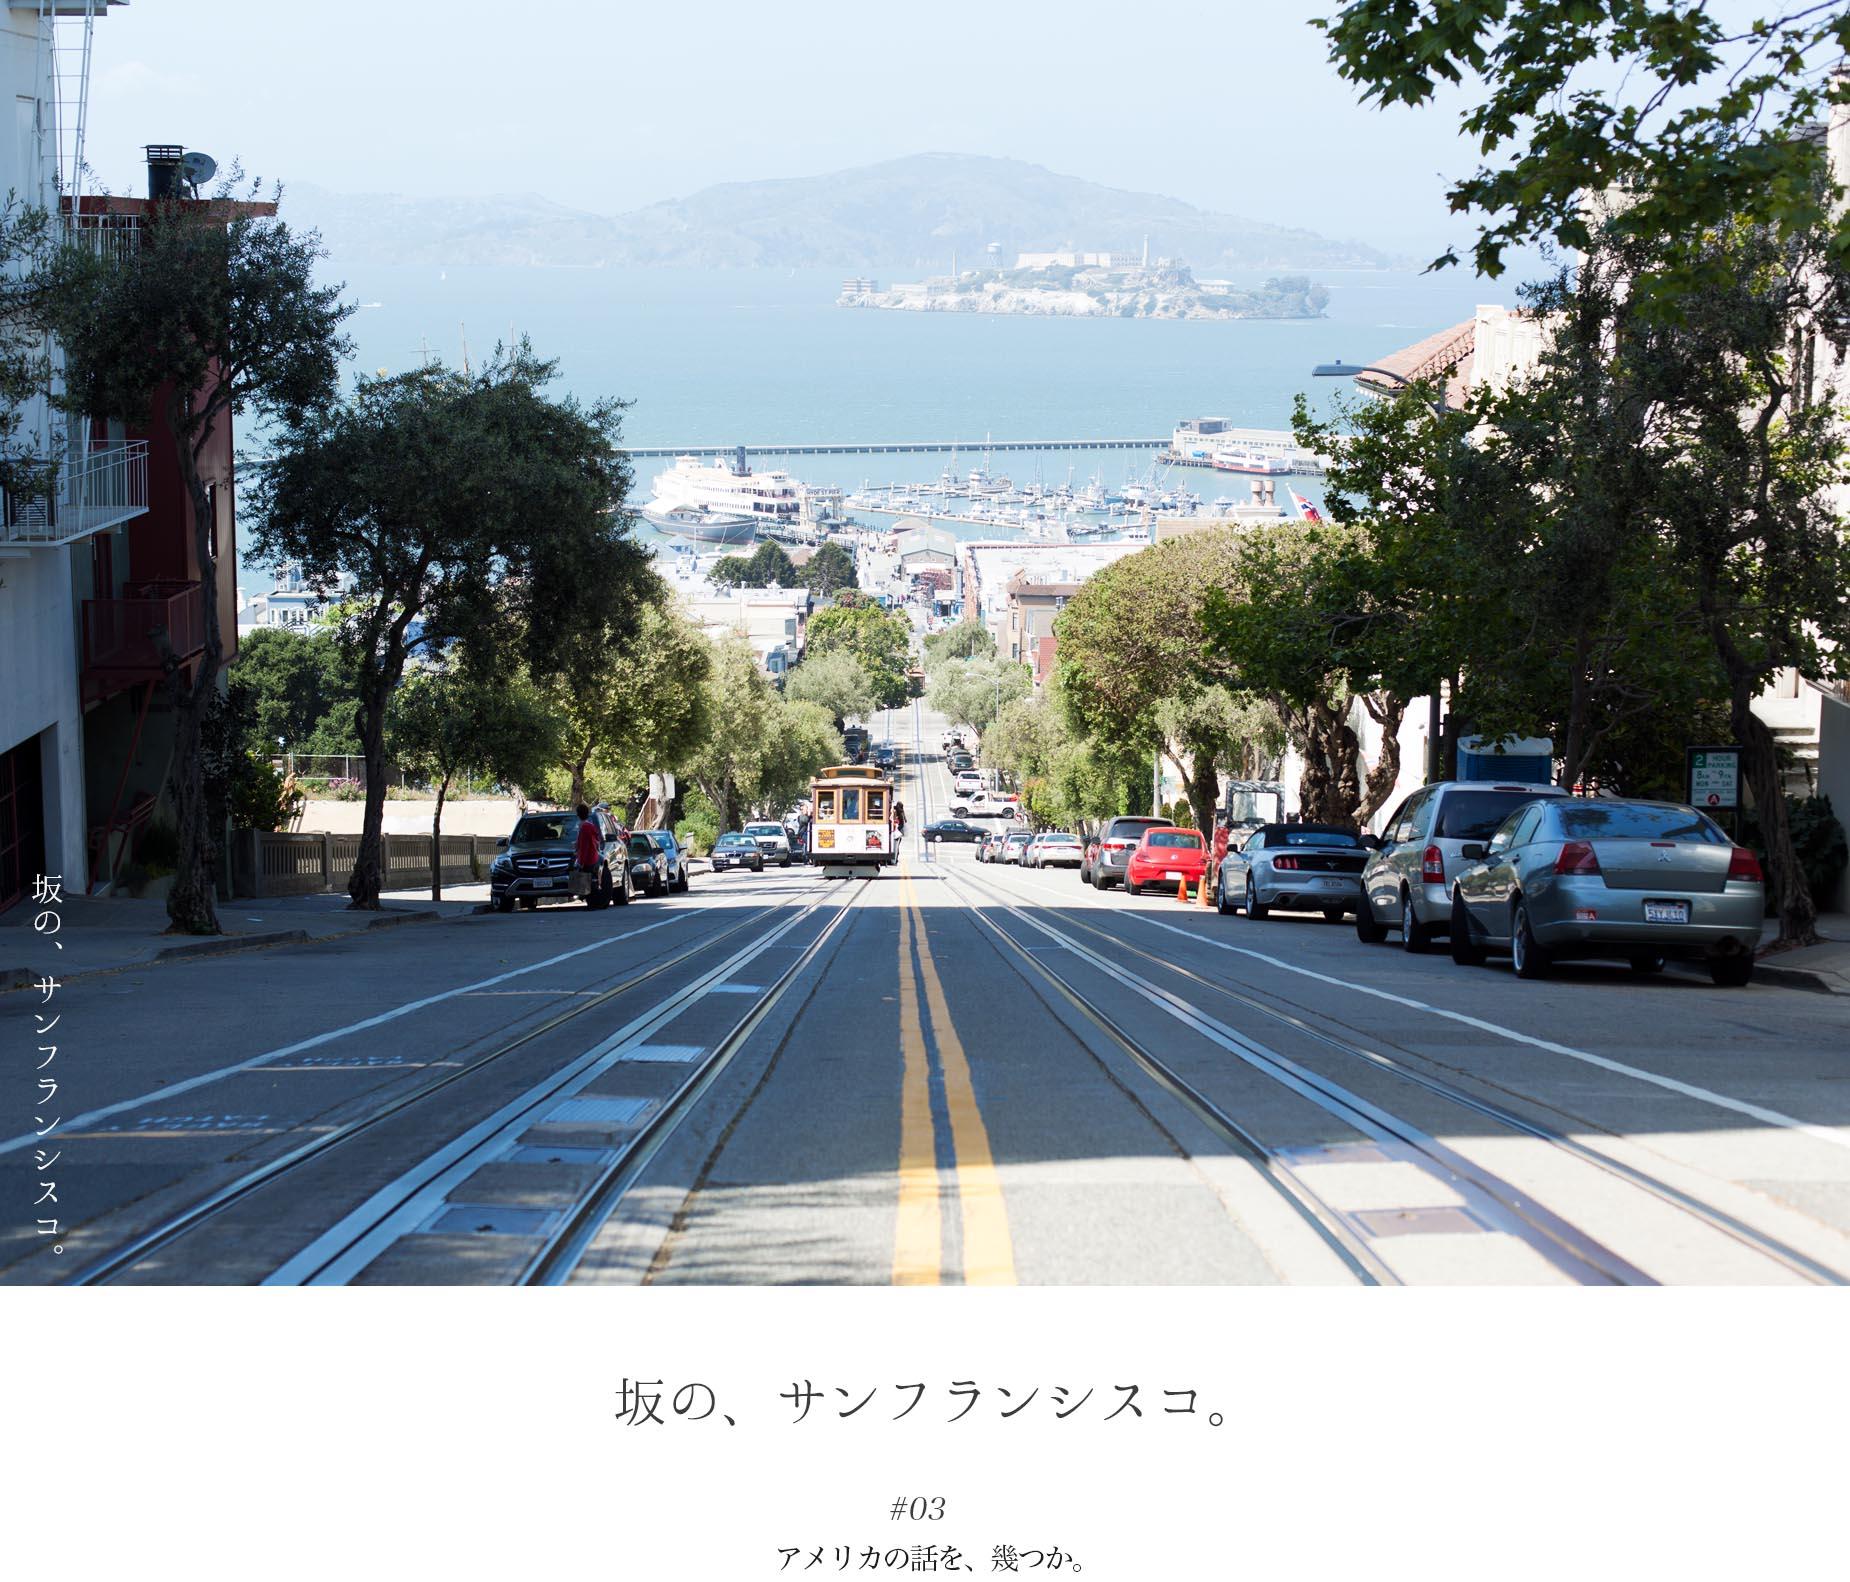 201500611a_坂のサンフランシスコ